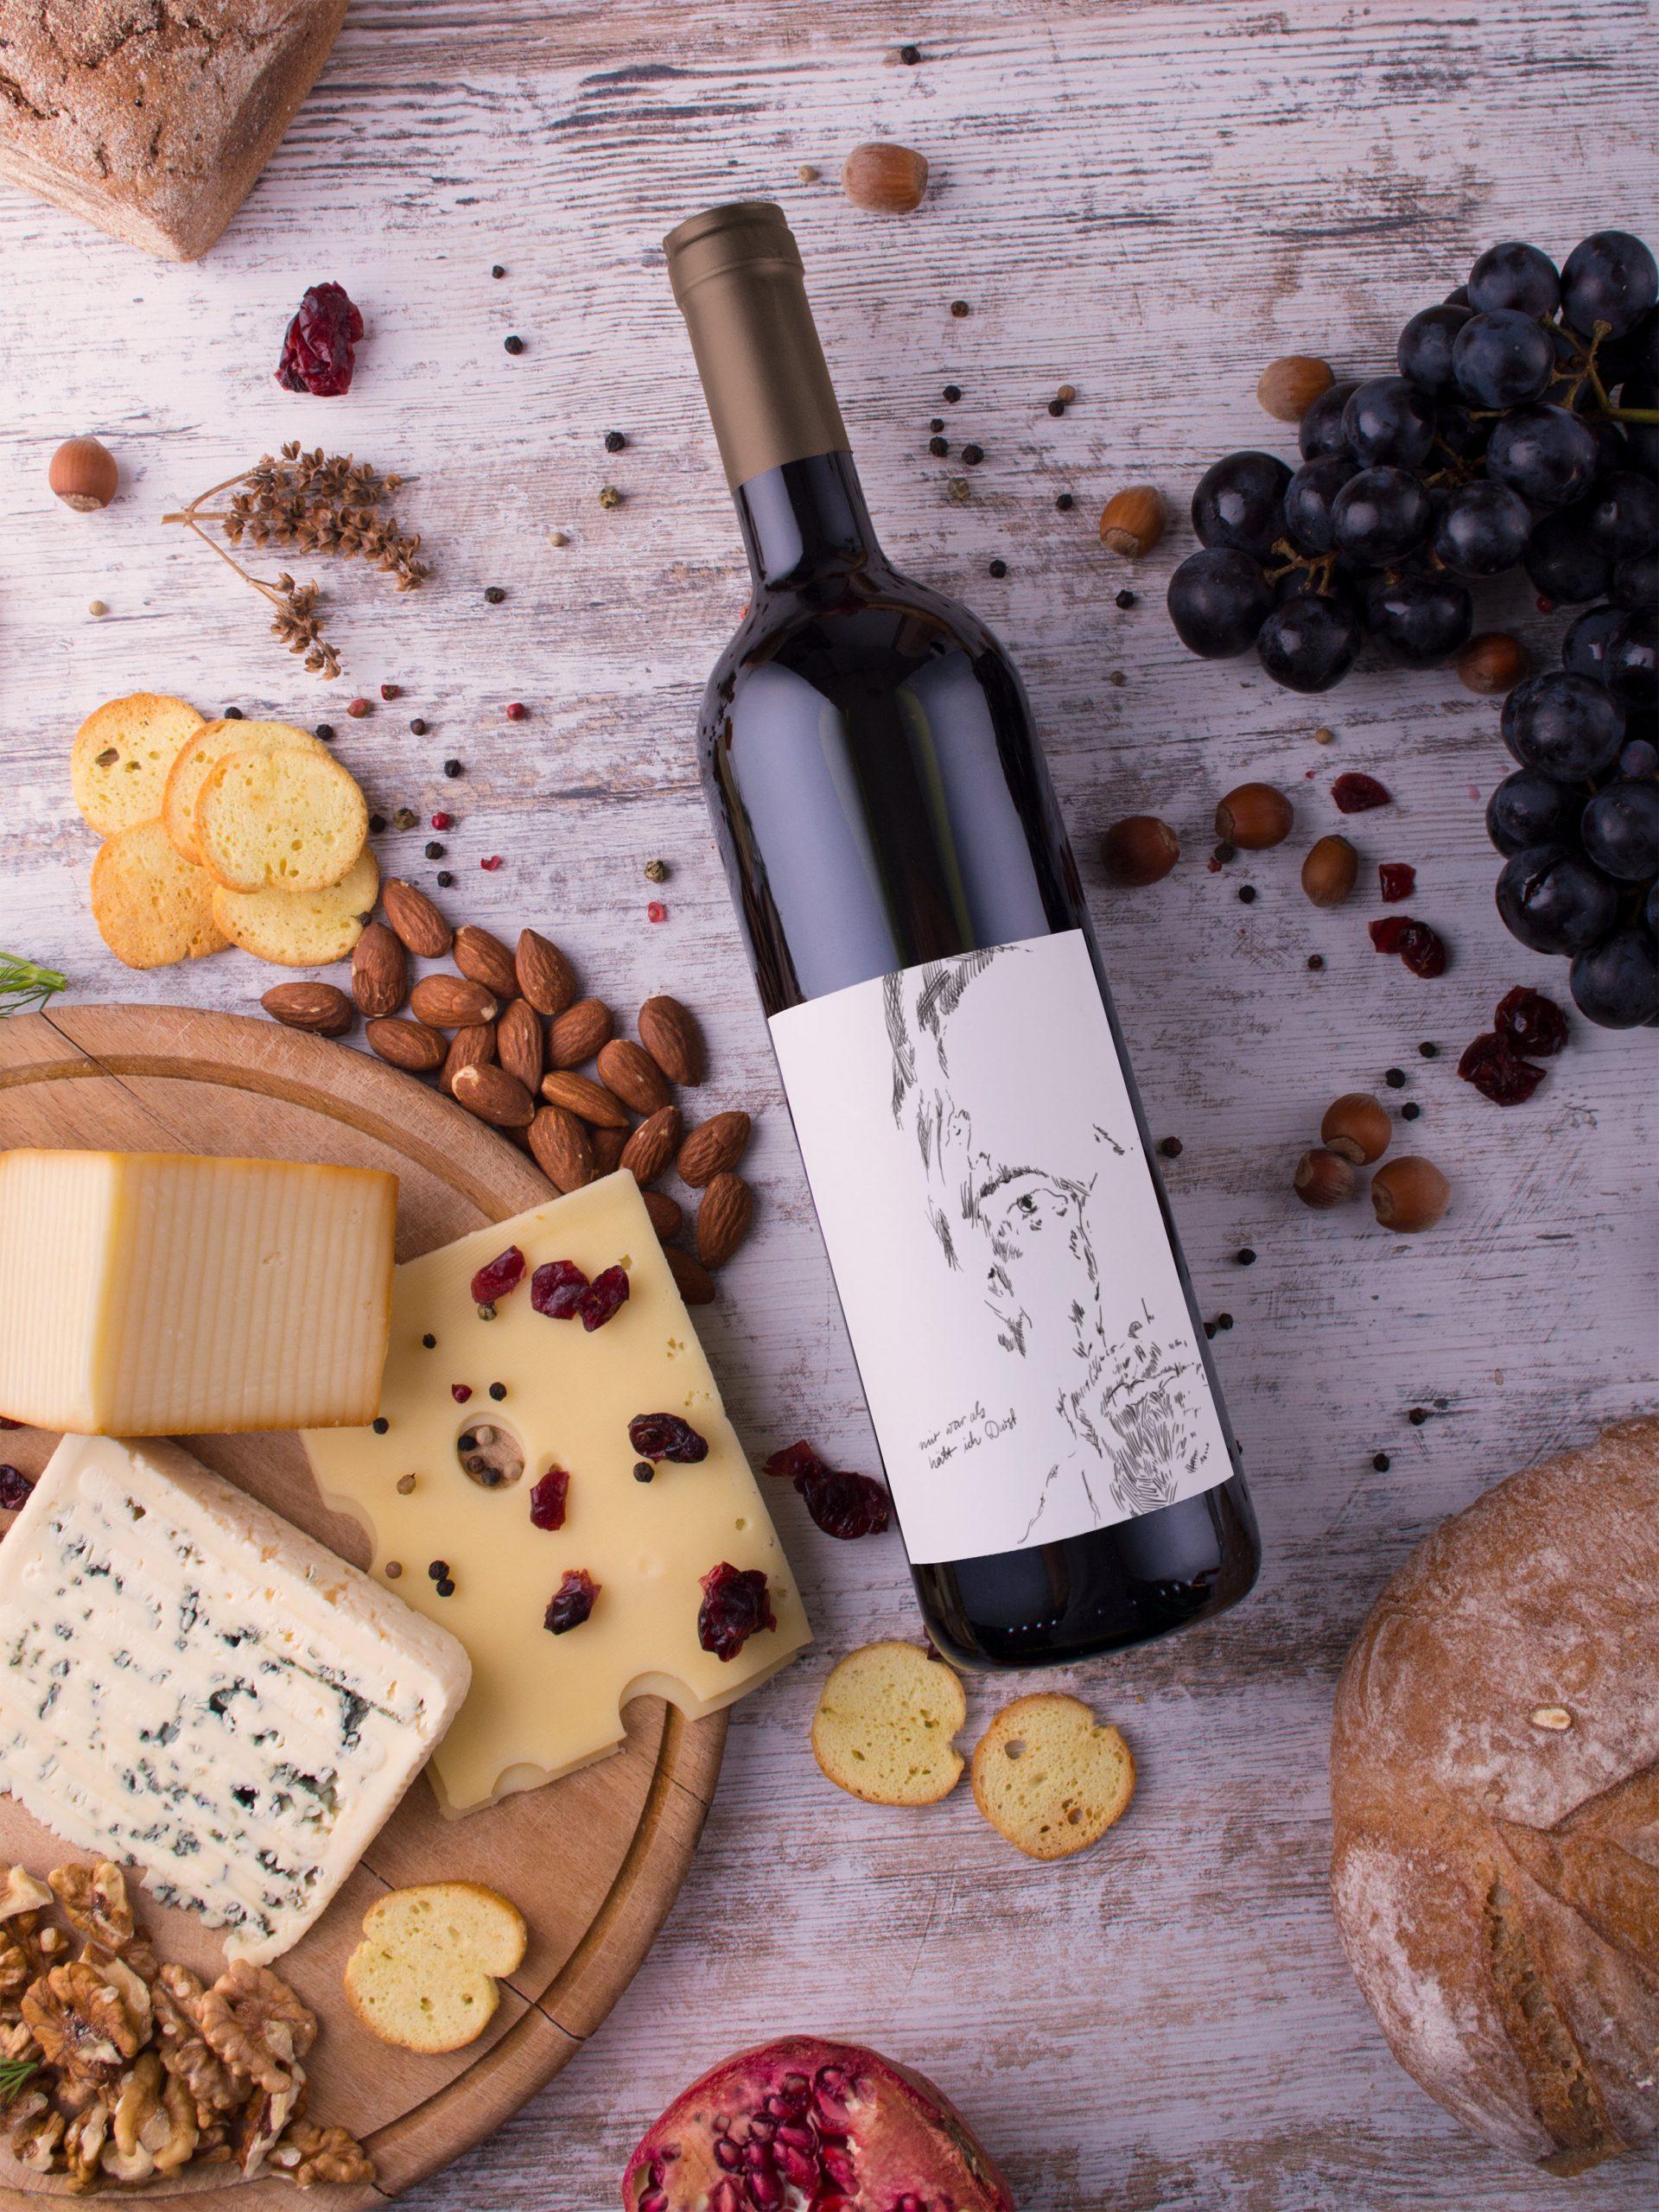 Charakterkopf auf Weinflasche